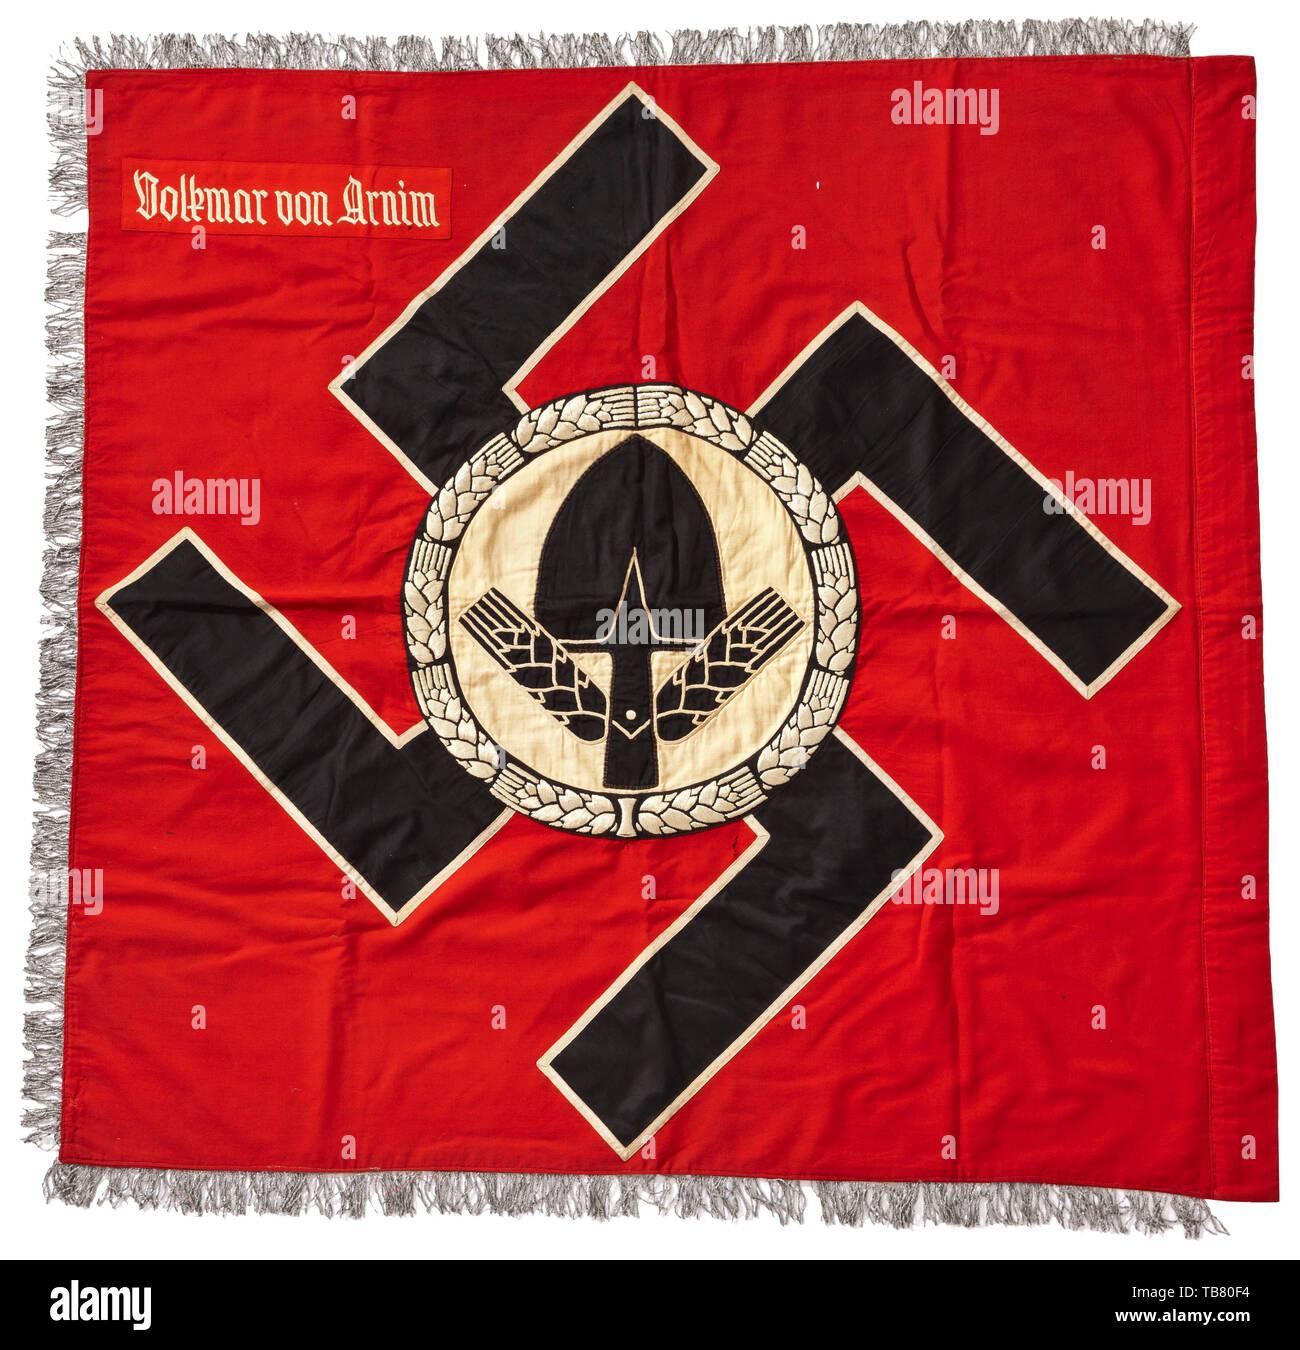 Aufn/äher Unbekannt Gegen Nazis Farbe Wei/ß//Schwarz